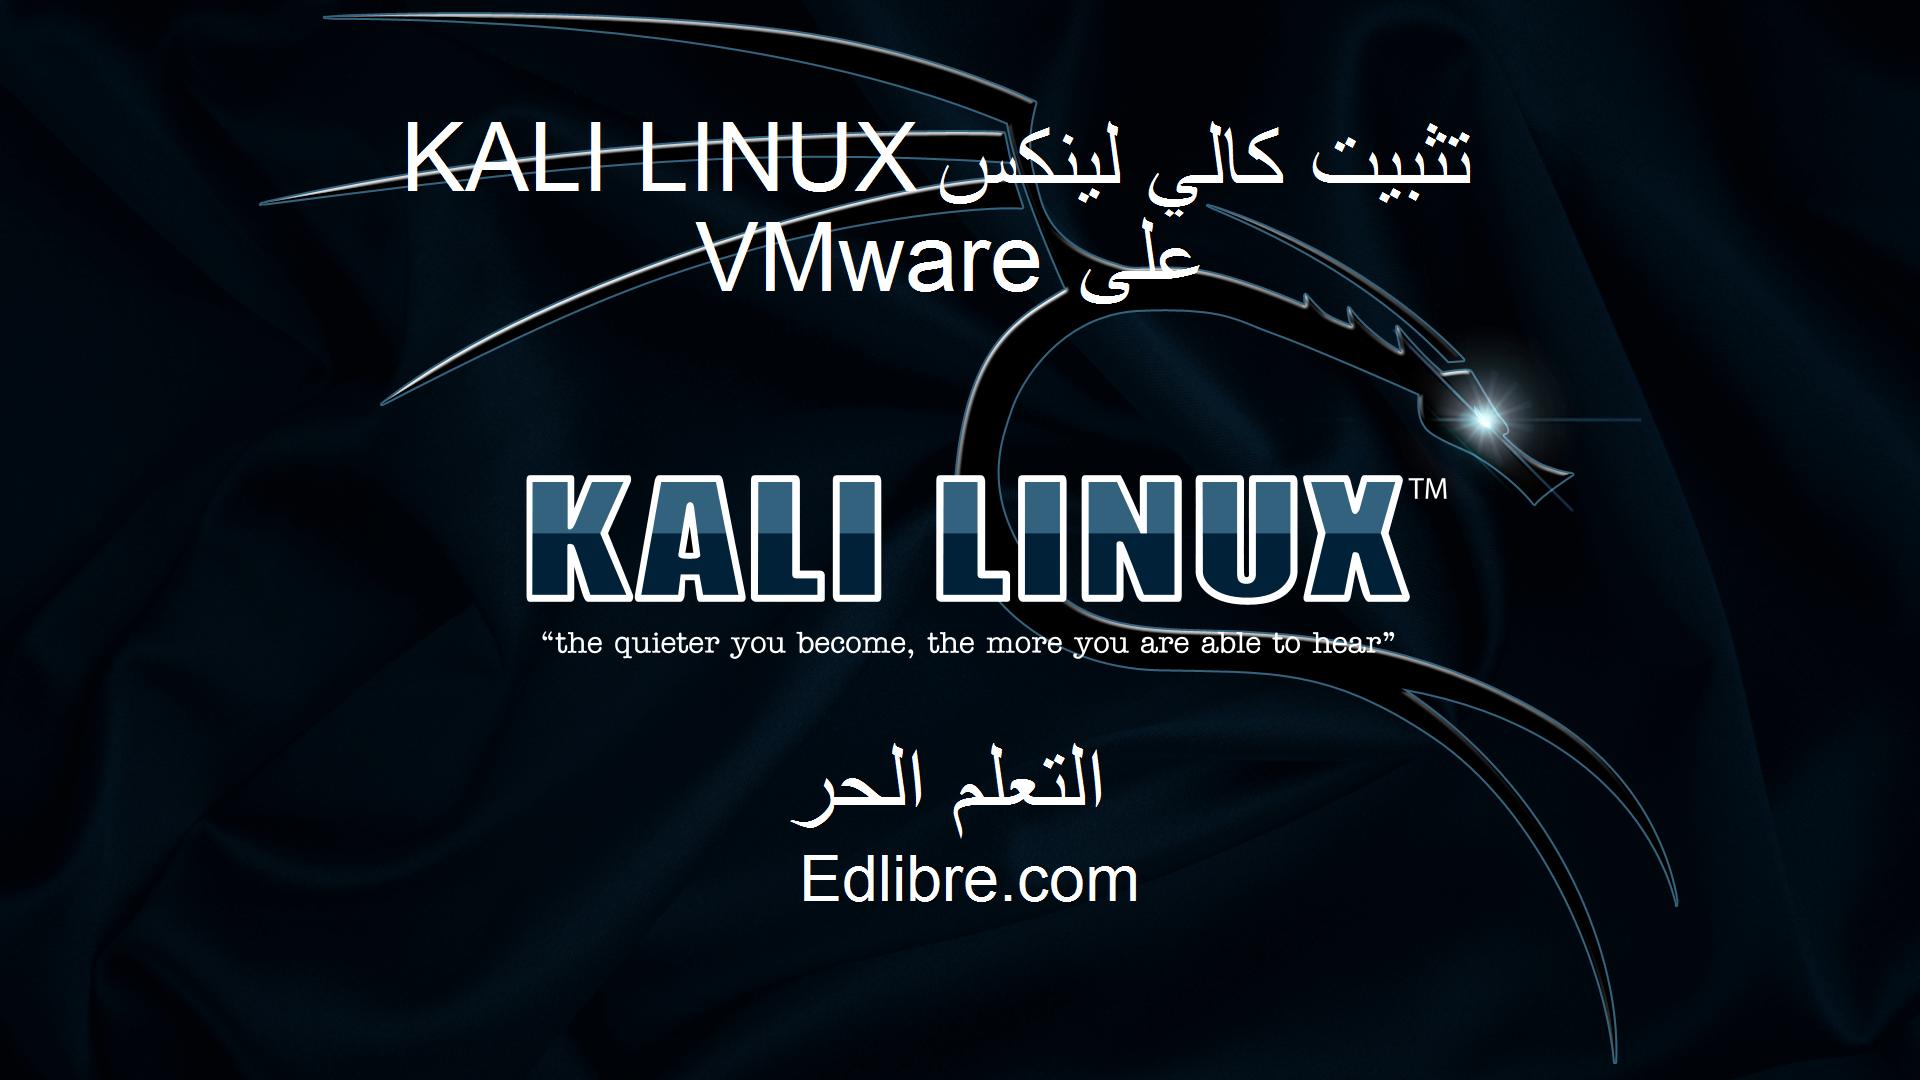 تثبيت كالي لينكس KALI LINUX على VMware